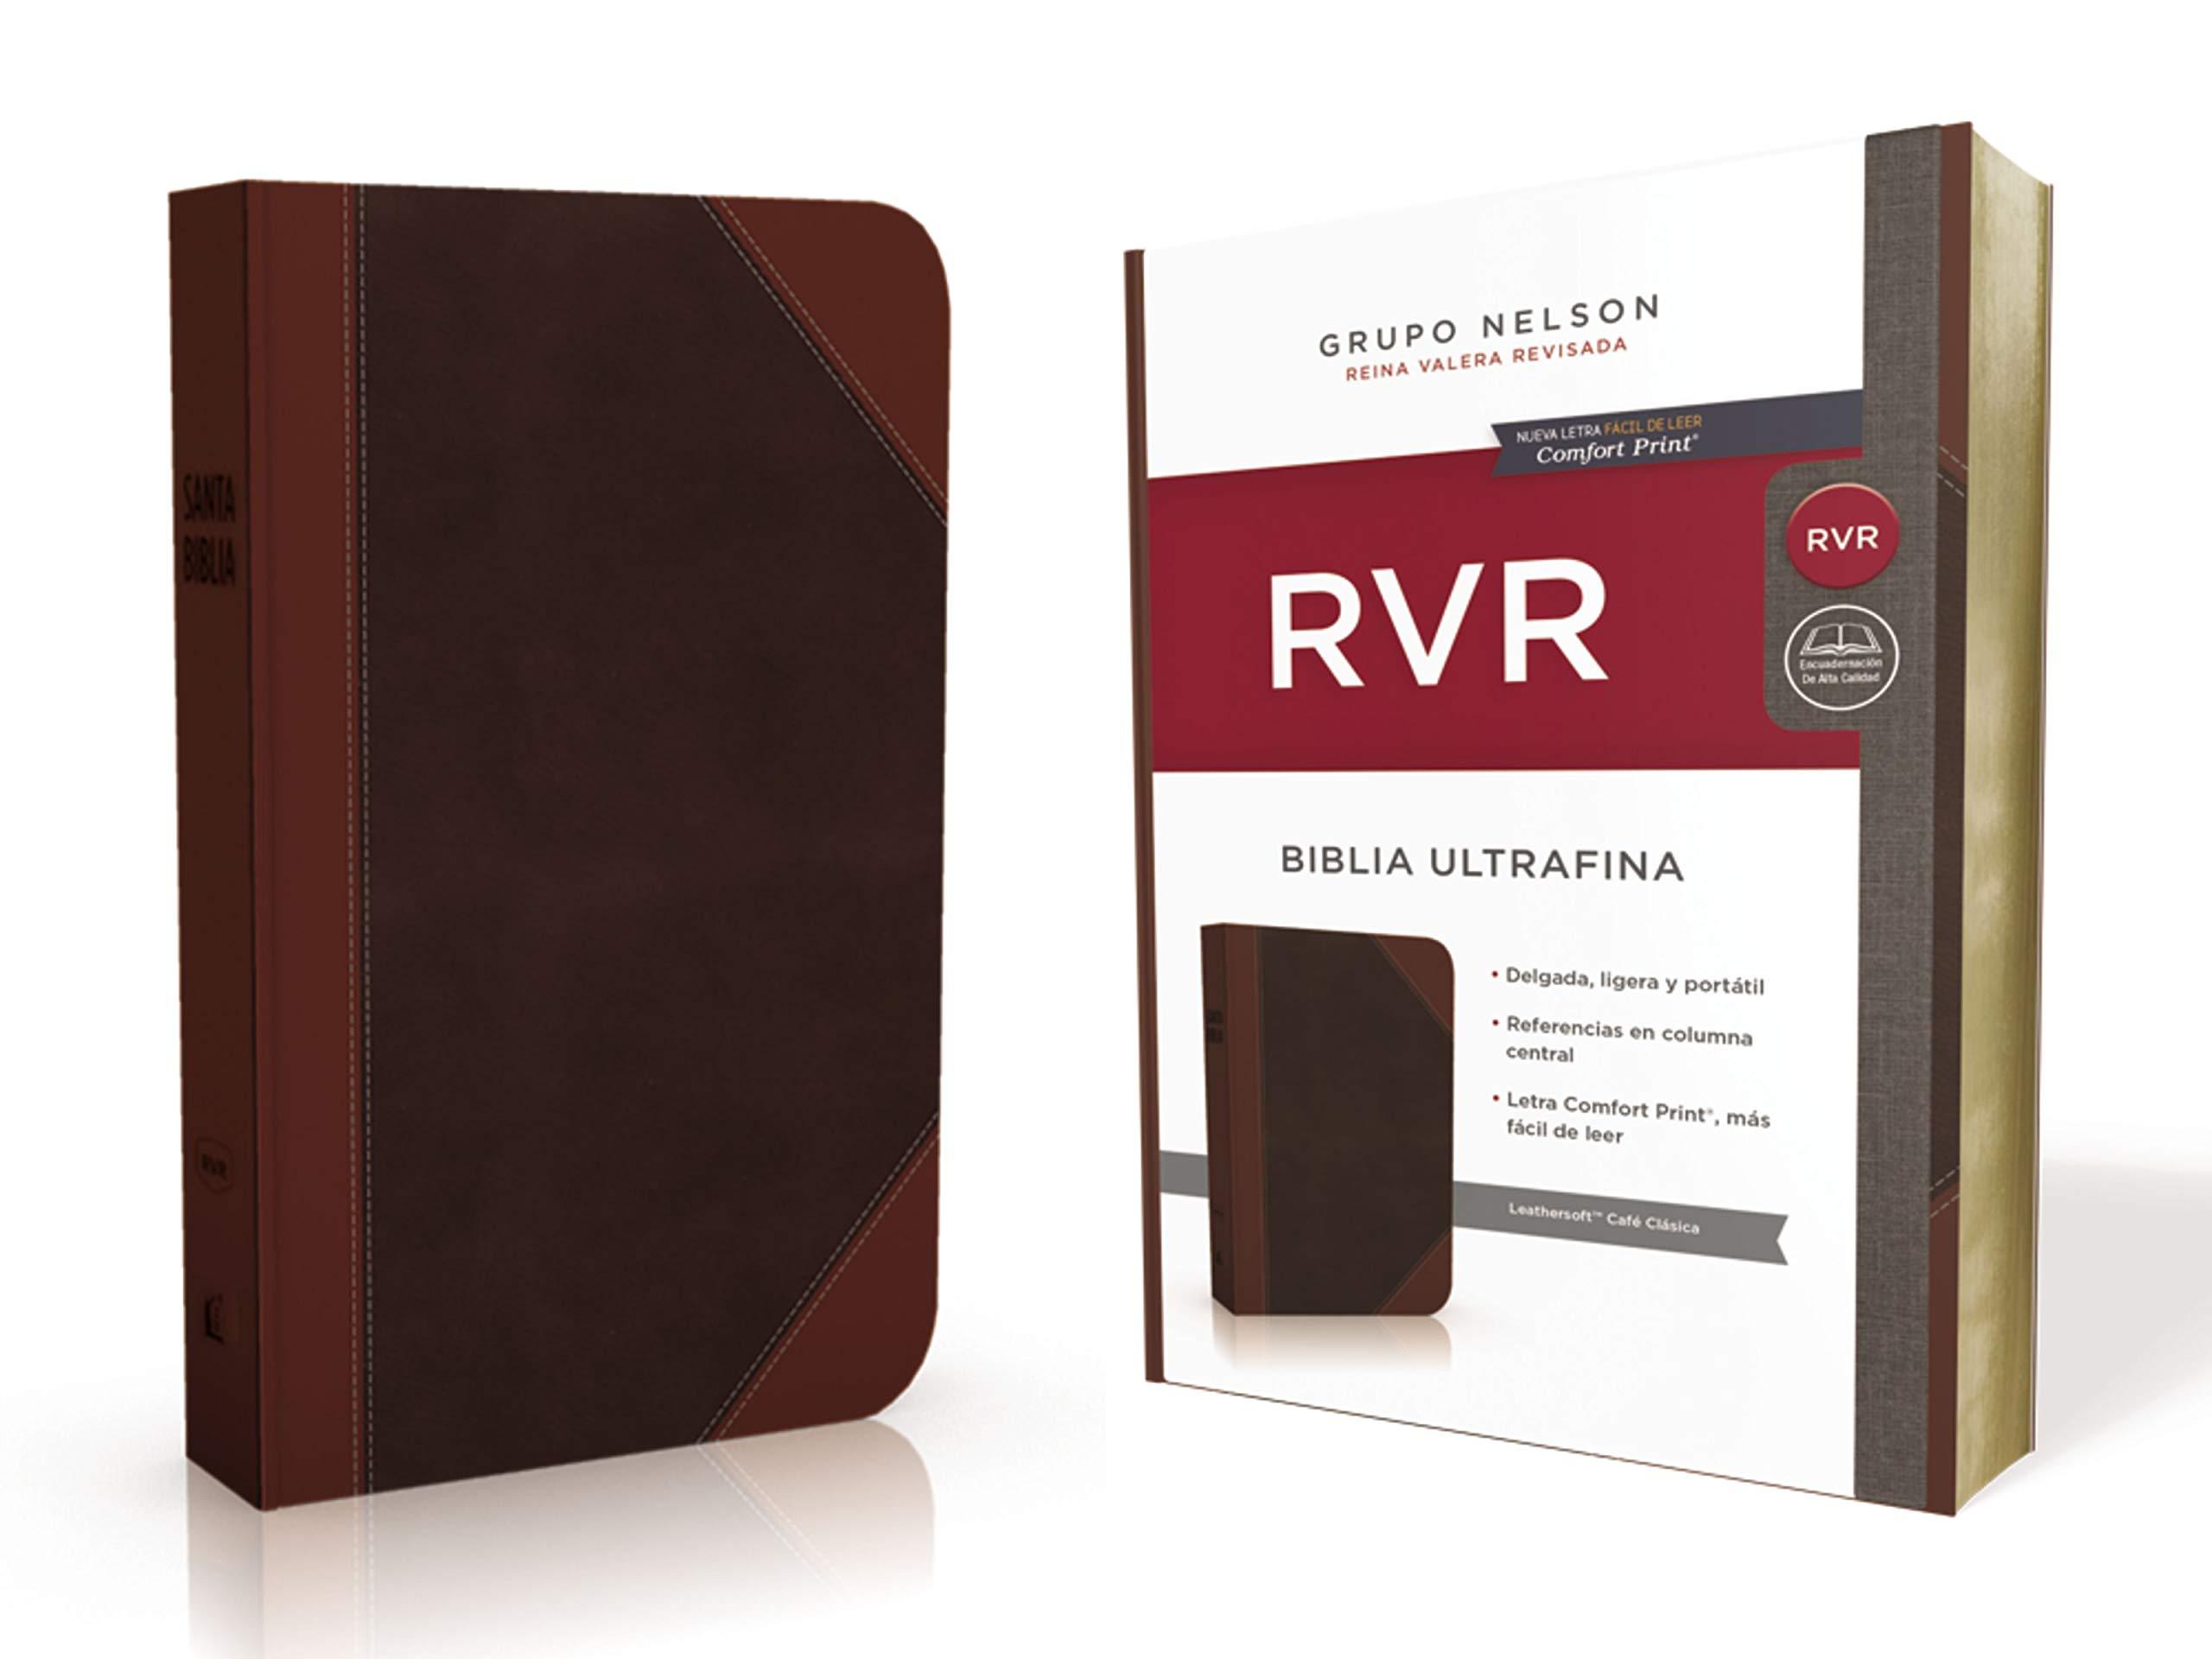 Santa Biblia Reina Valera Revisada (RVR) Ultrafina, Café Clásica (Spanish Edition): Reina Valera Revisada: 9781400210848: Amazon.com: Books